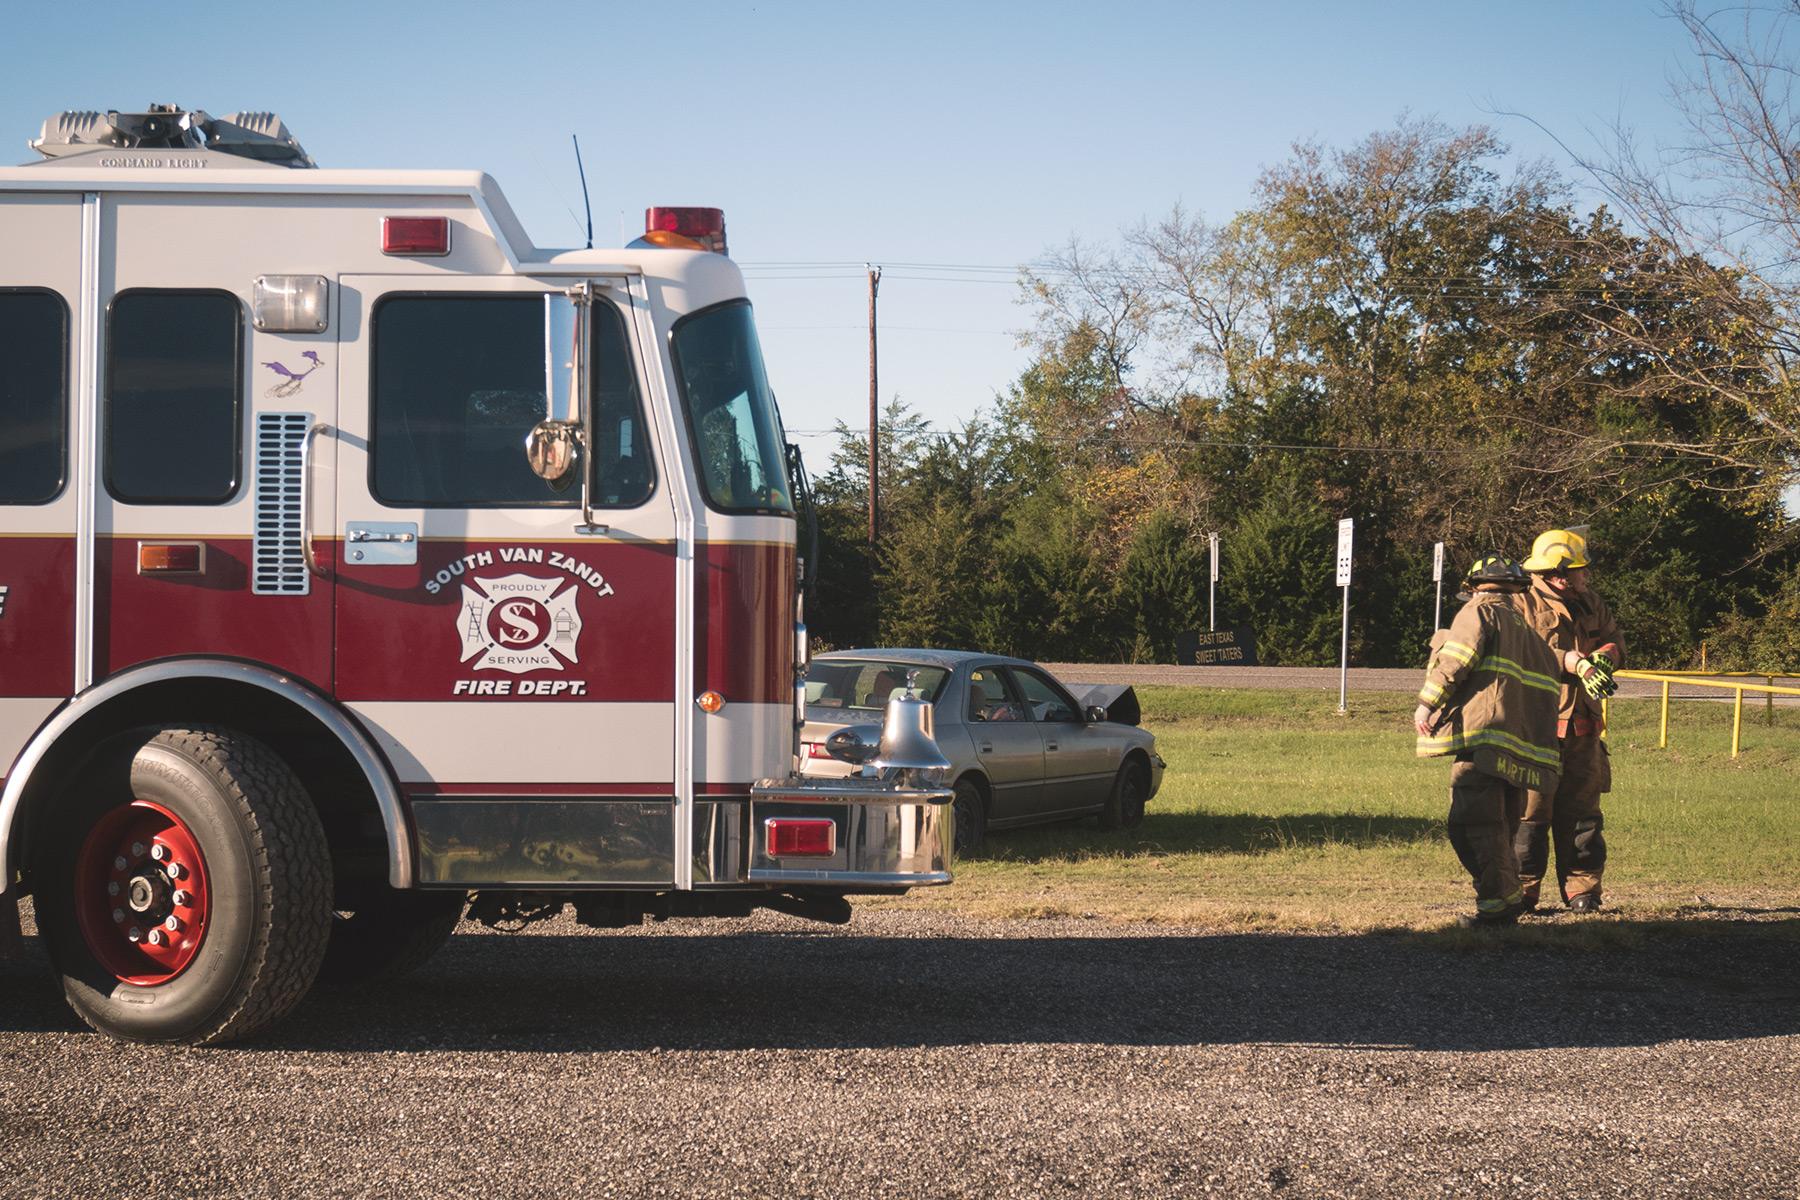 Van Zandt county fire engine